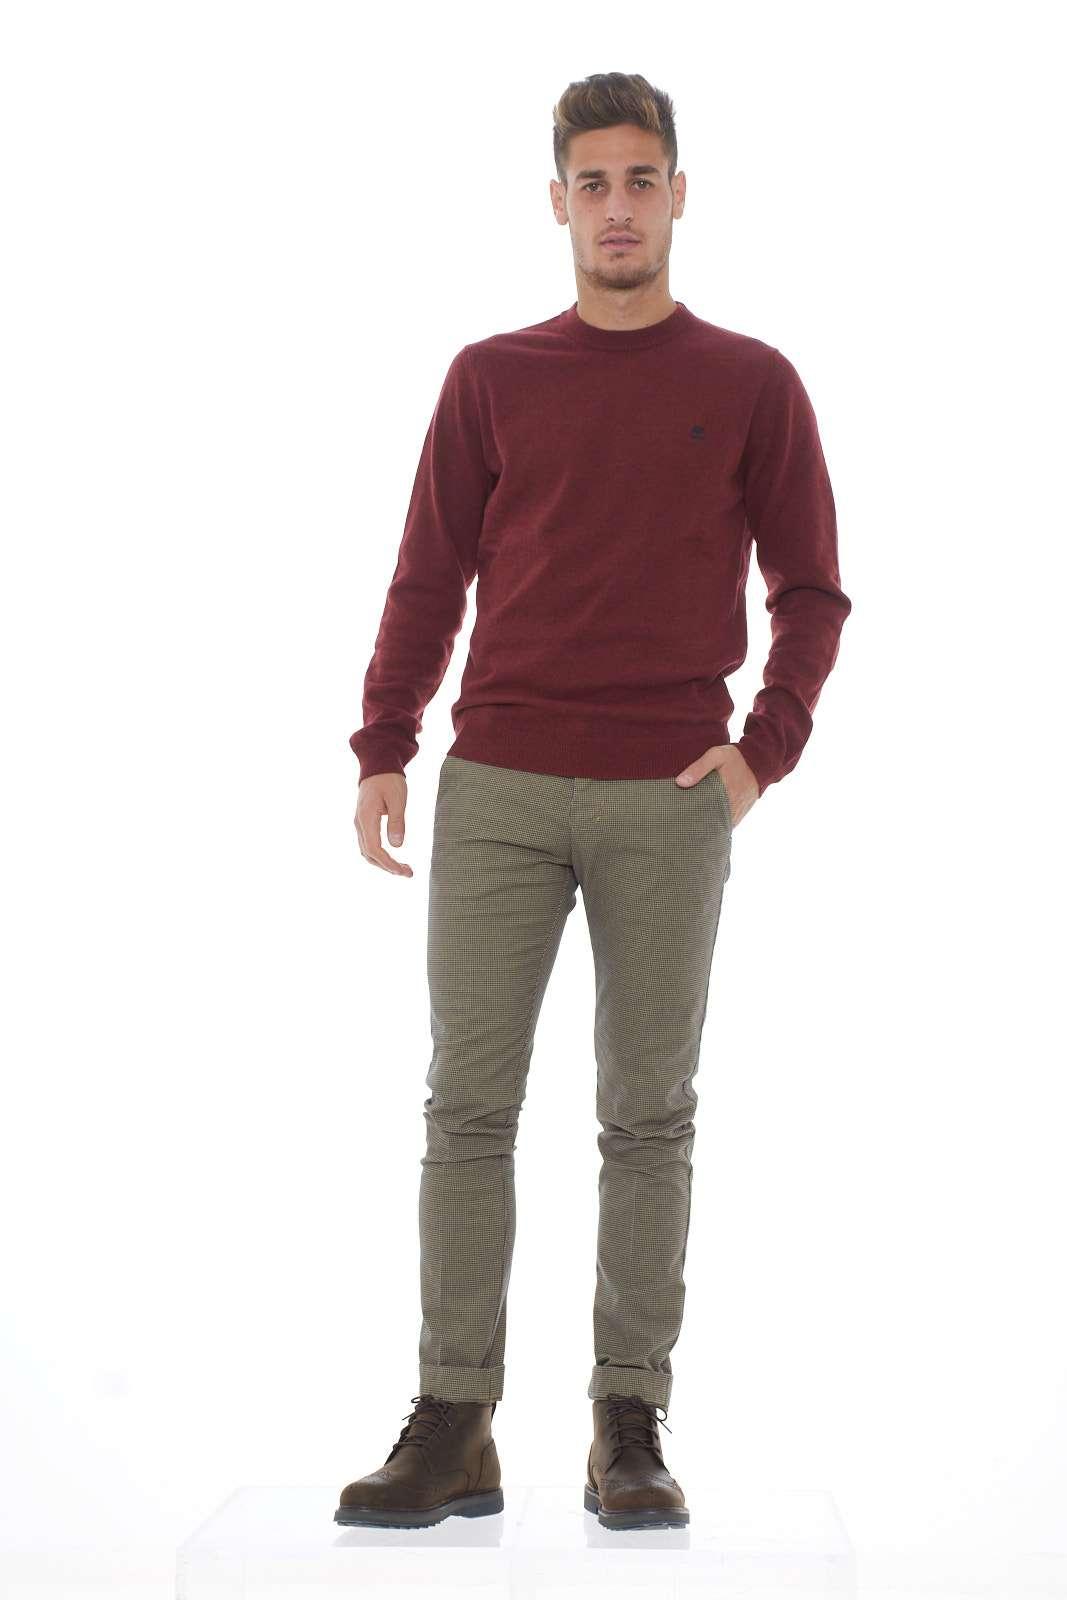 https://www.parmax.com/media/catalog/product/a/i/ai-outlet_parmax-pantaloni-uomo-entre-amis-a1982011536l17-d.jpg